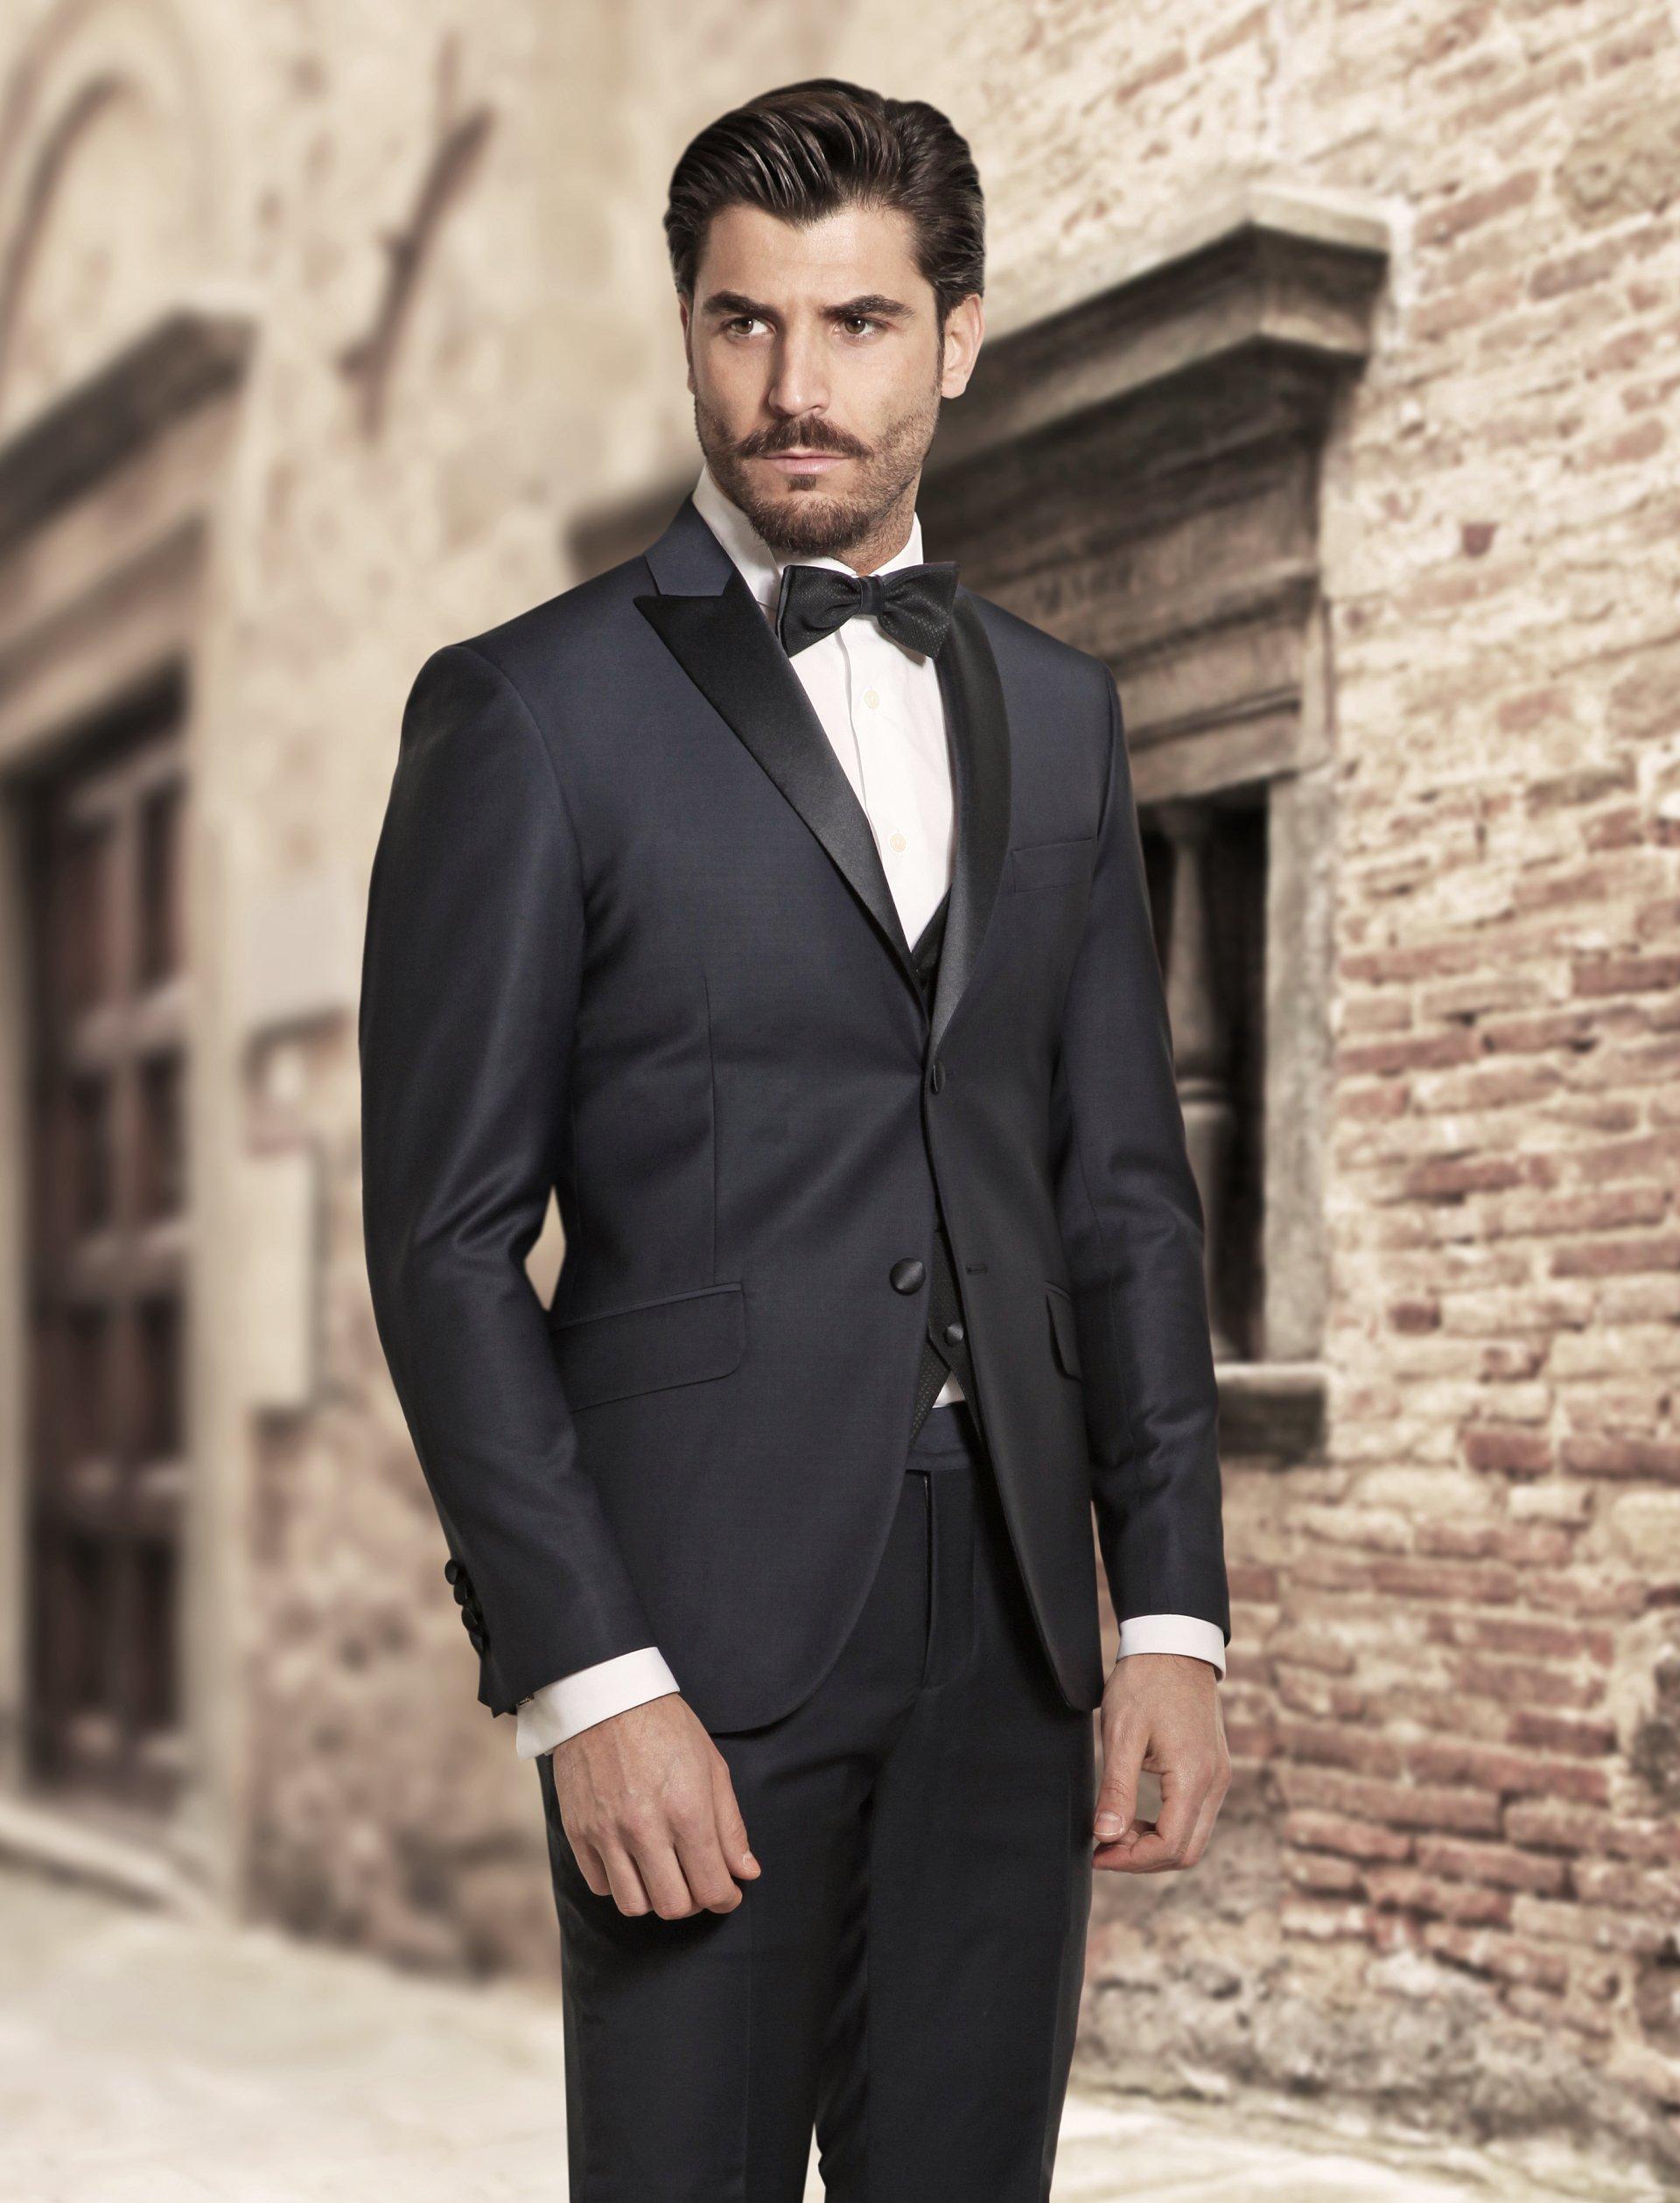 cbb1cb2c4cc3 Abbigliamento su misura - Messina - Sartoria Ragusa